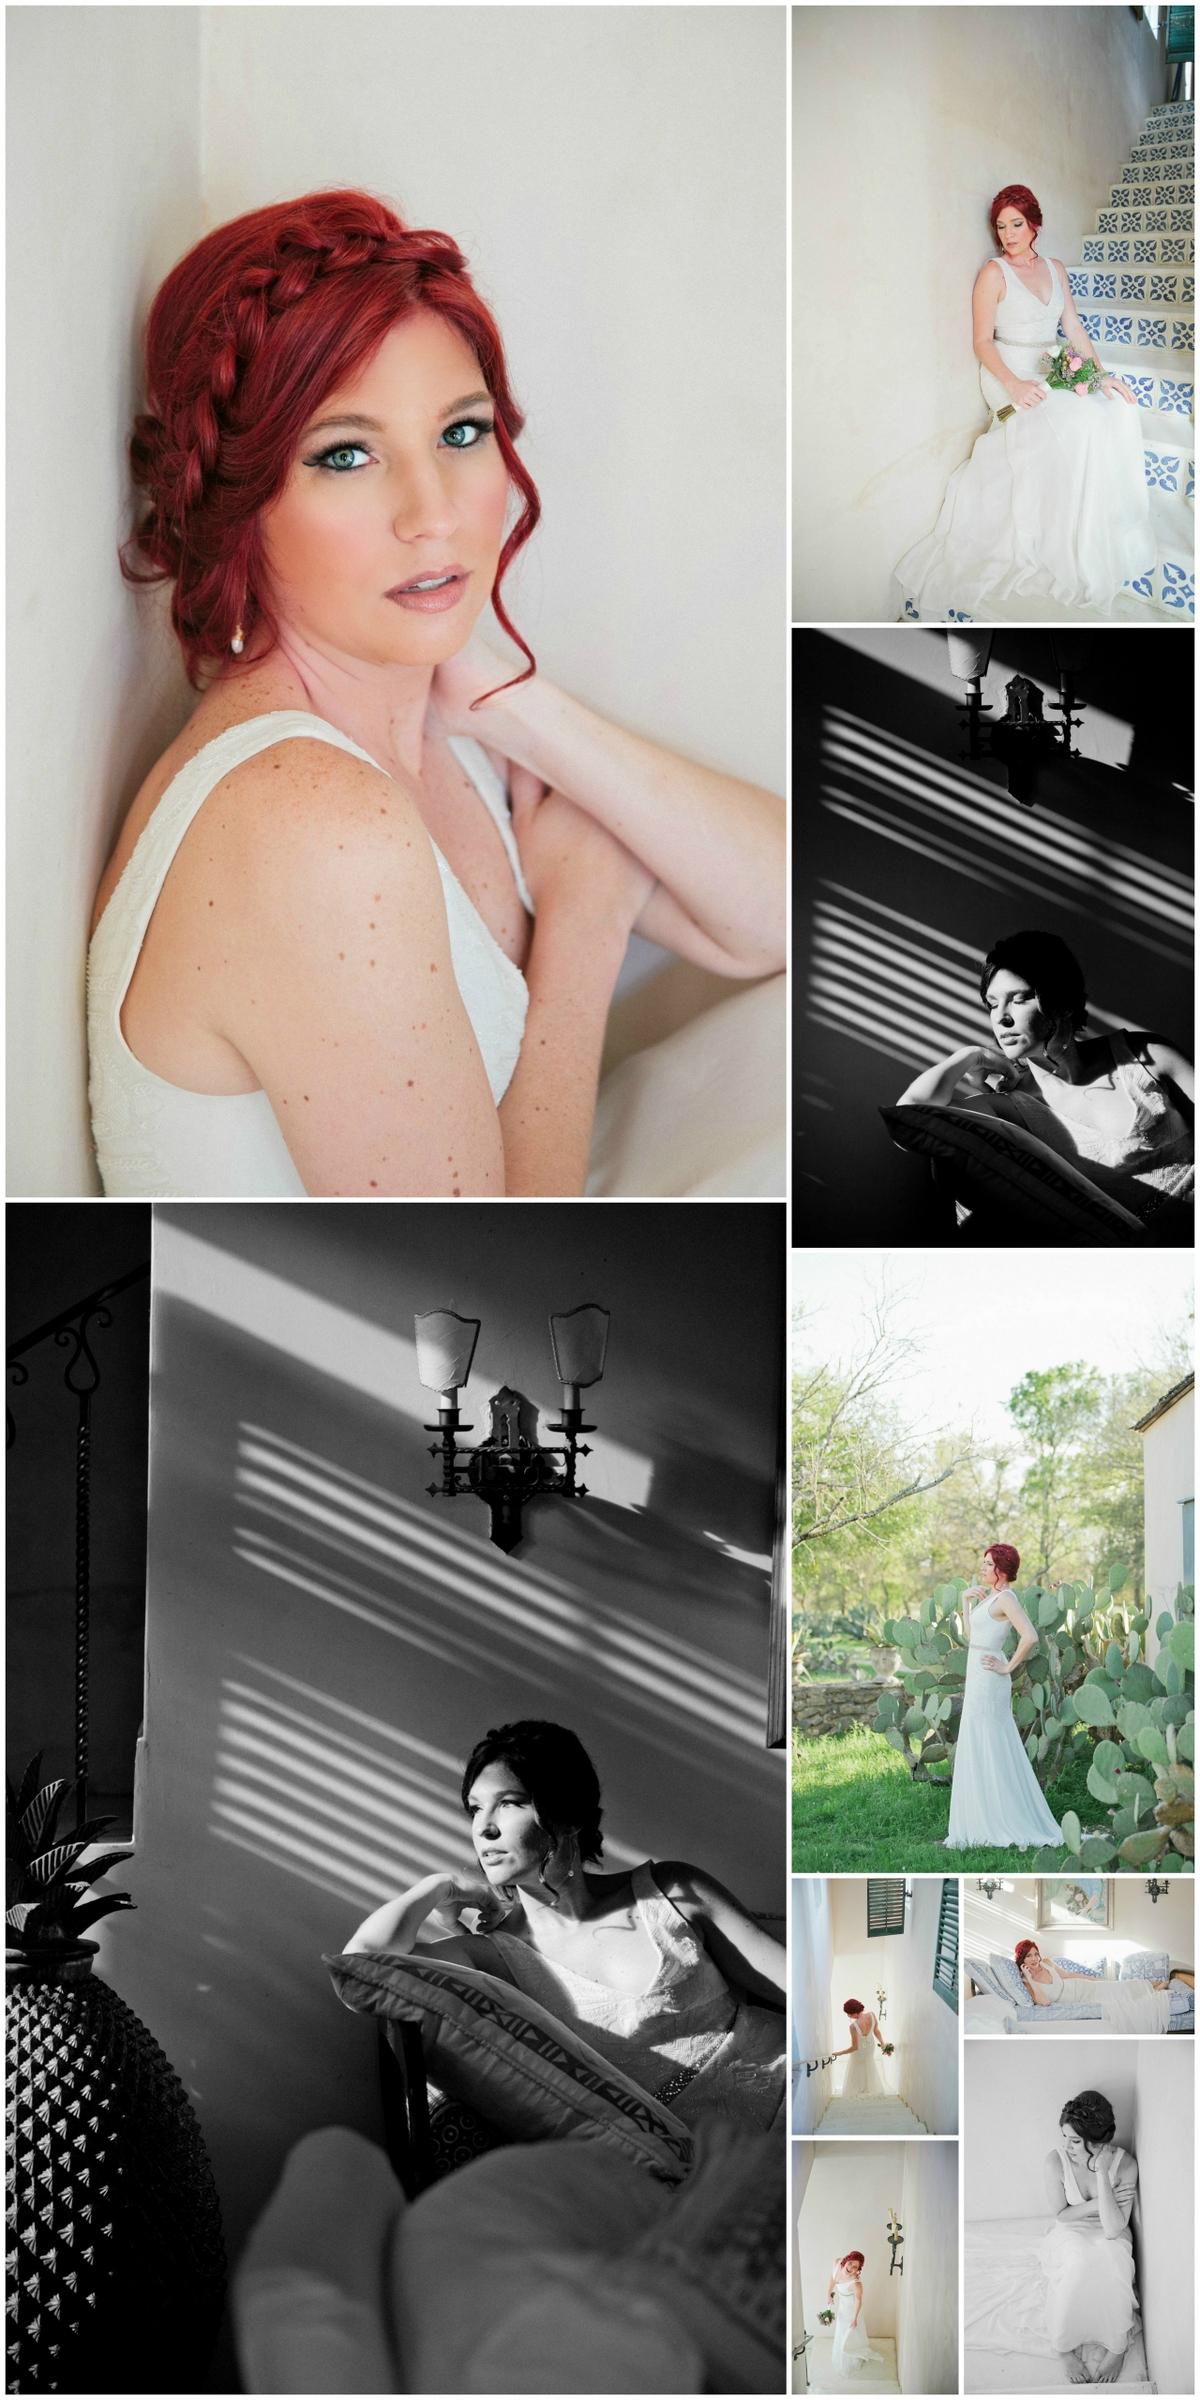 katie p bridal edits